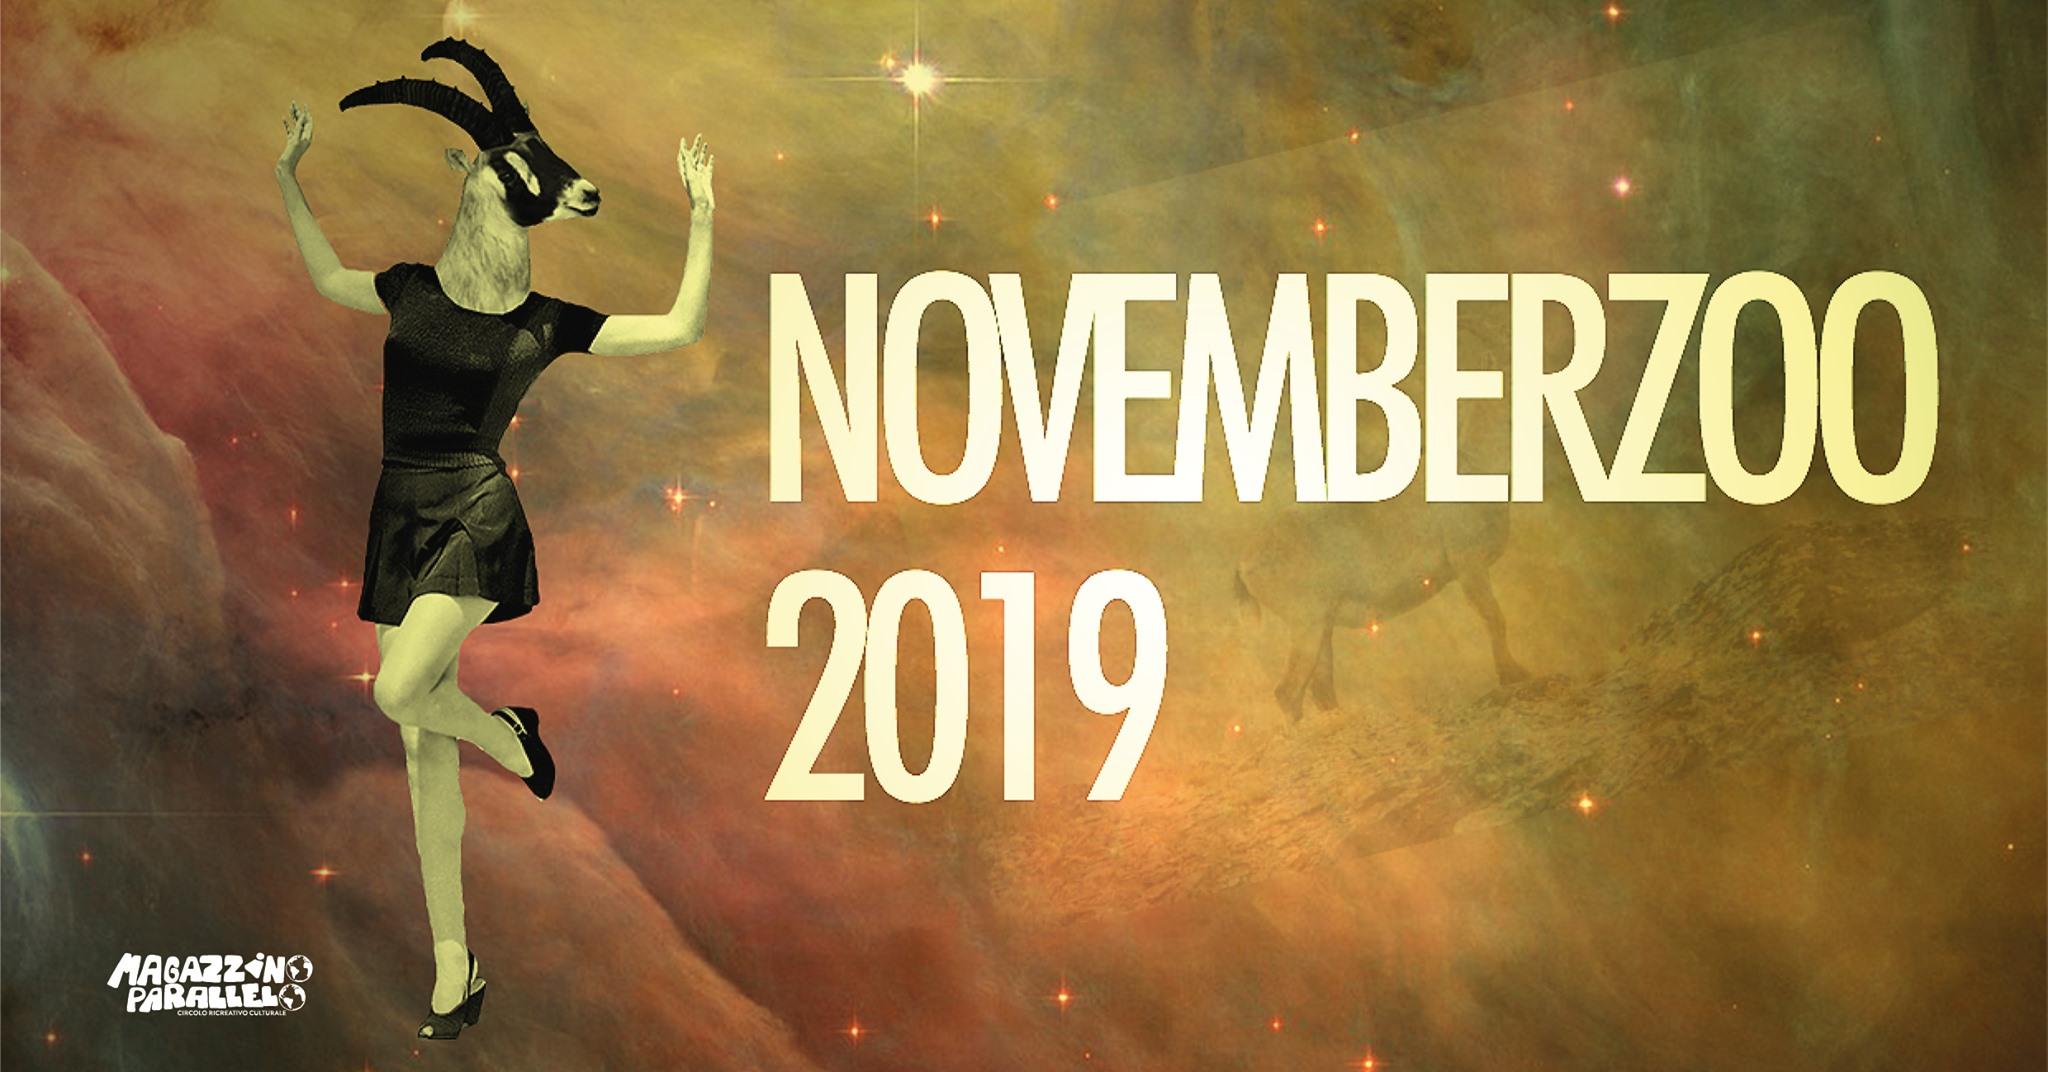 NovemberZOO 2019 / at Magazzino Parallelo